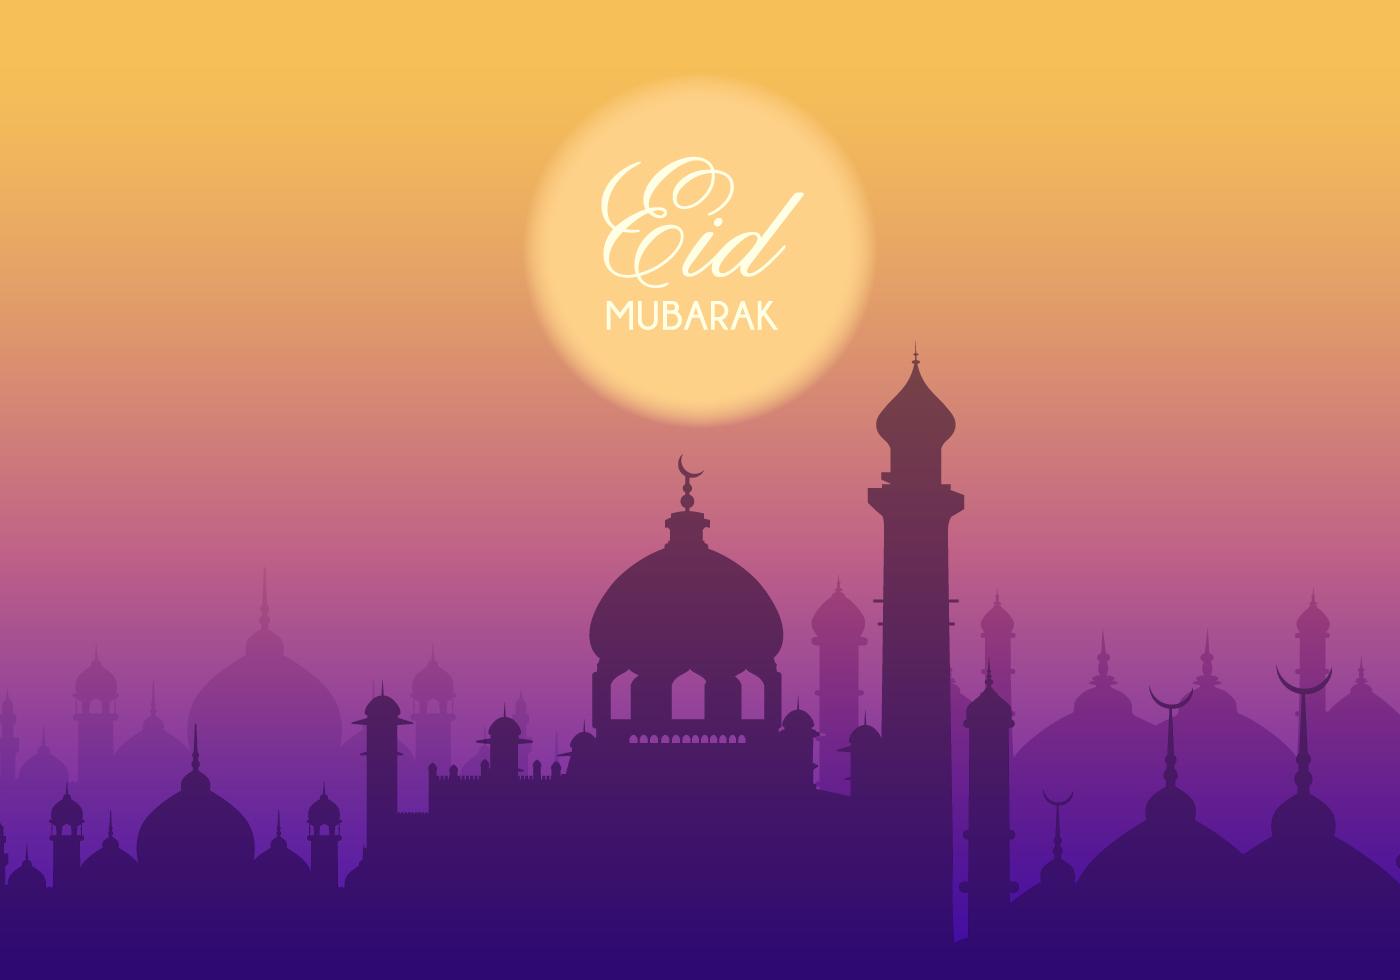 Free Eid Mubarak Vector Background - Download Free Vector Art, Stock ...